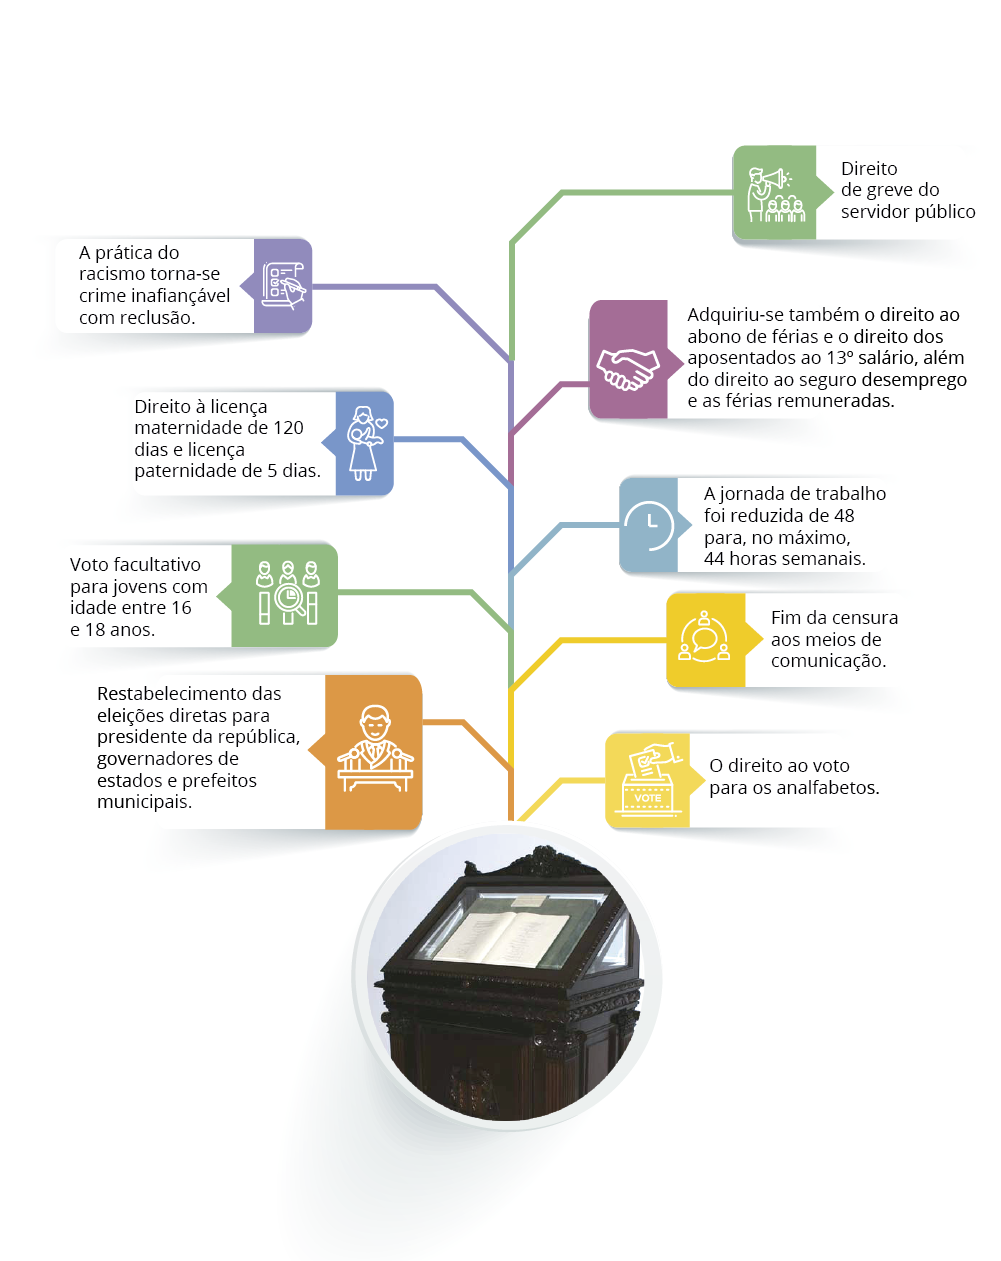 9 inovações da constituição federal brasileira